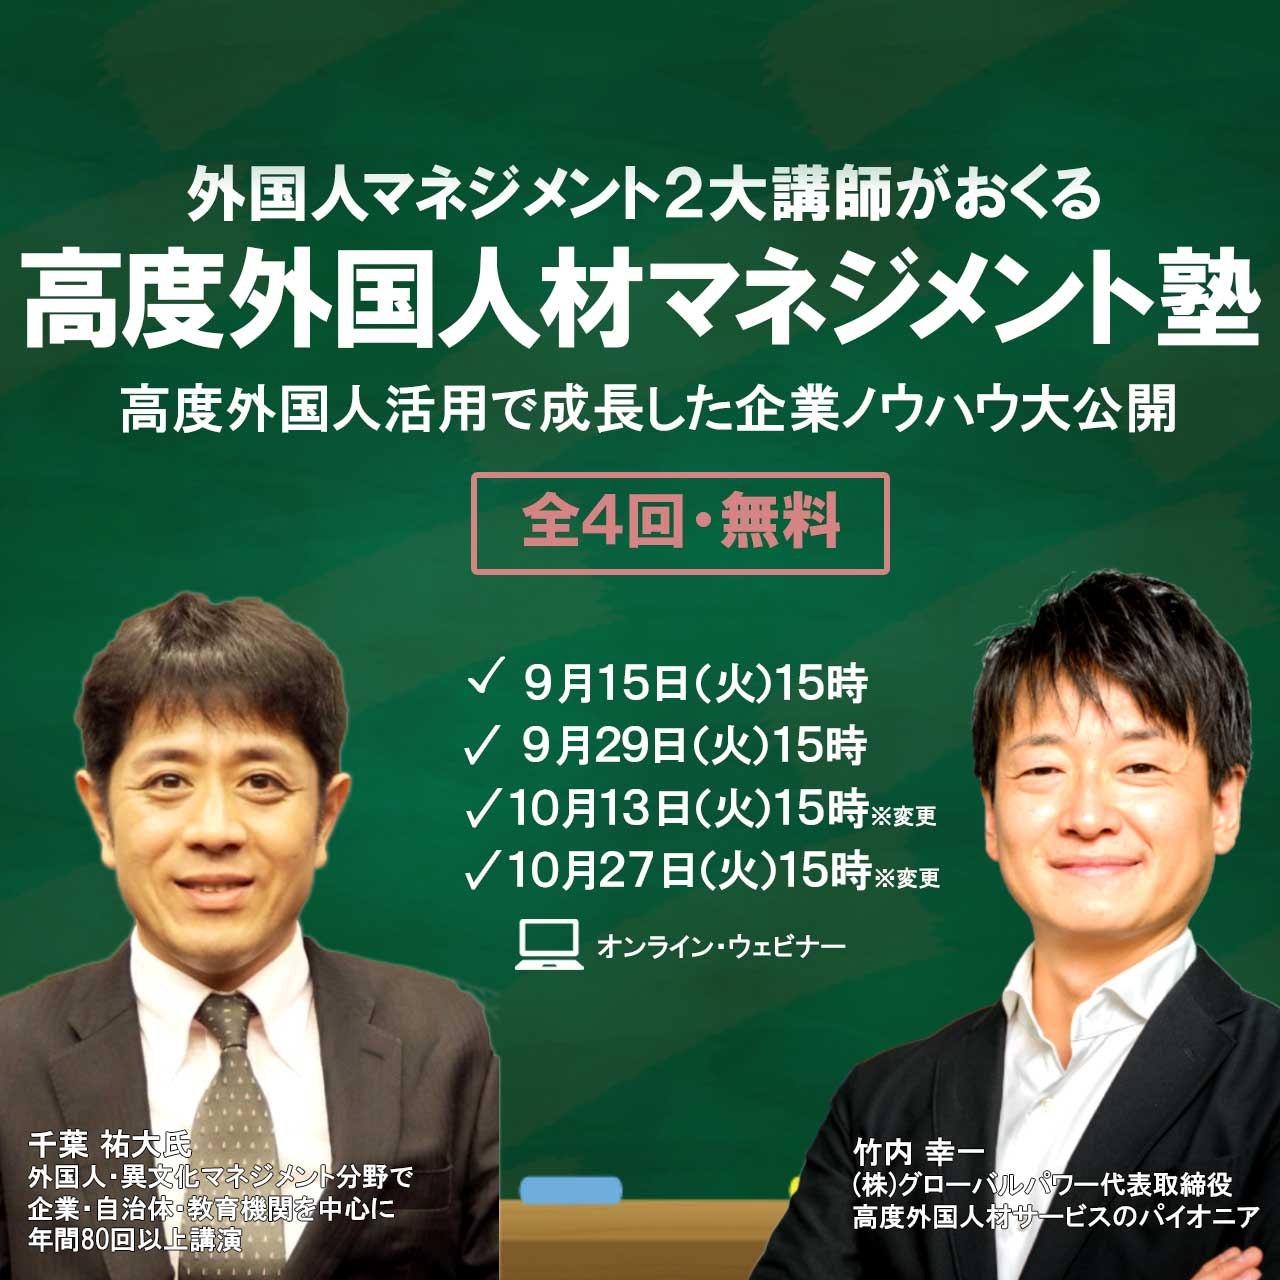 【終了】高度外国人材マネジメント塾(無料)開催